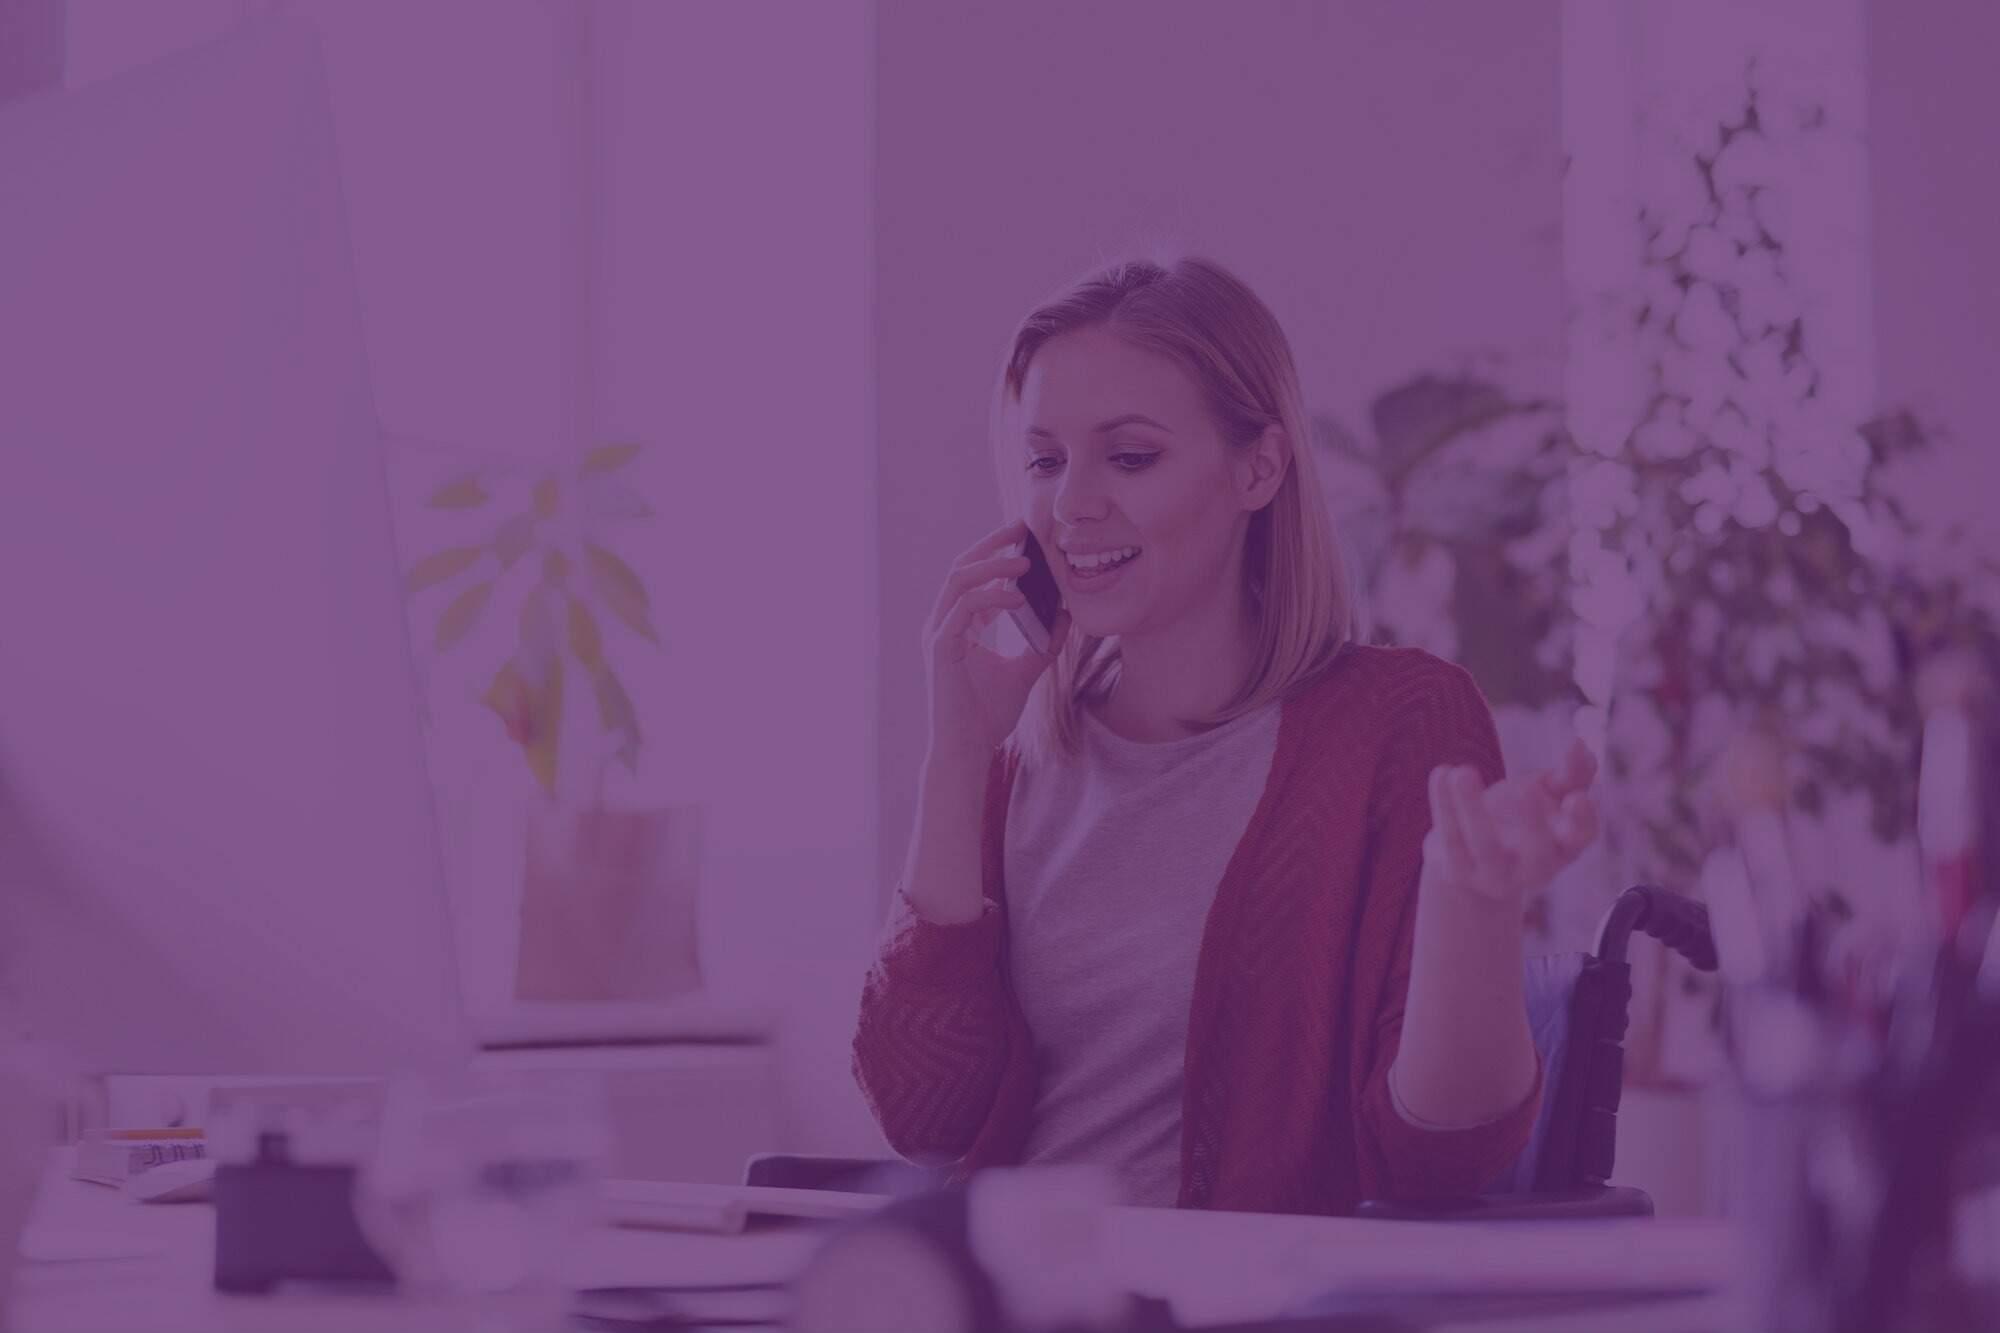 Recusar crédito do cliente: saiba por que você deve explicá-lo os motivos